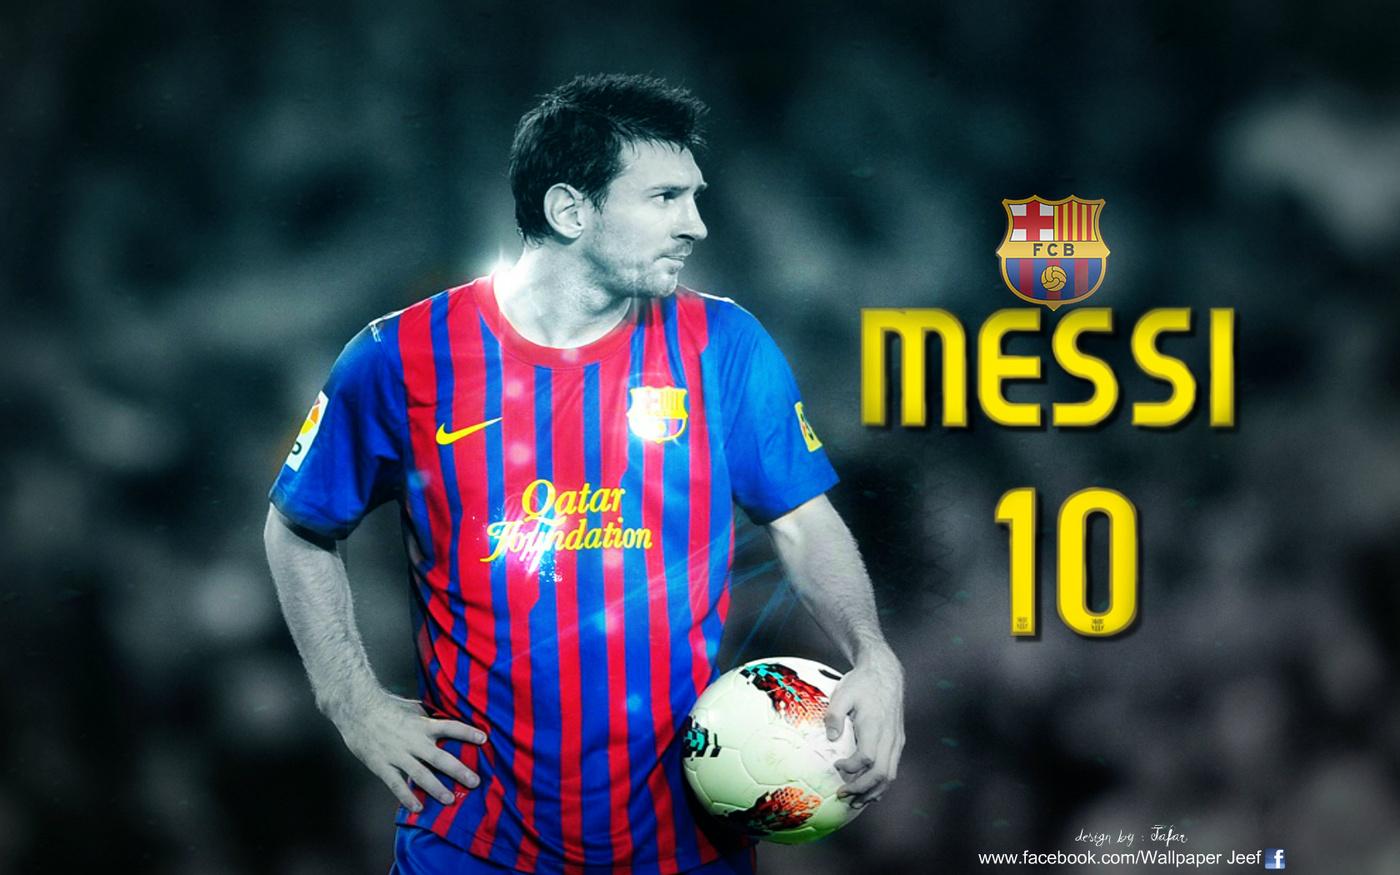 Foto Terbaru Lionel Messi Berikut Ini Jhonie Mardian Blogspot   Foto